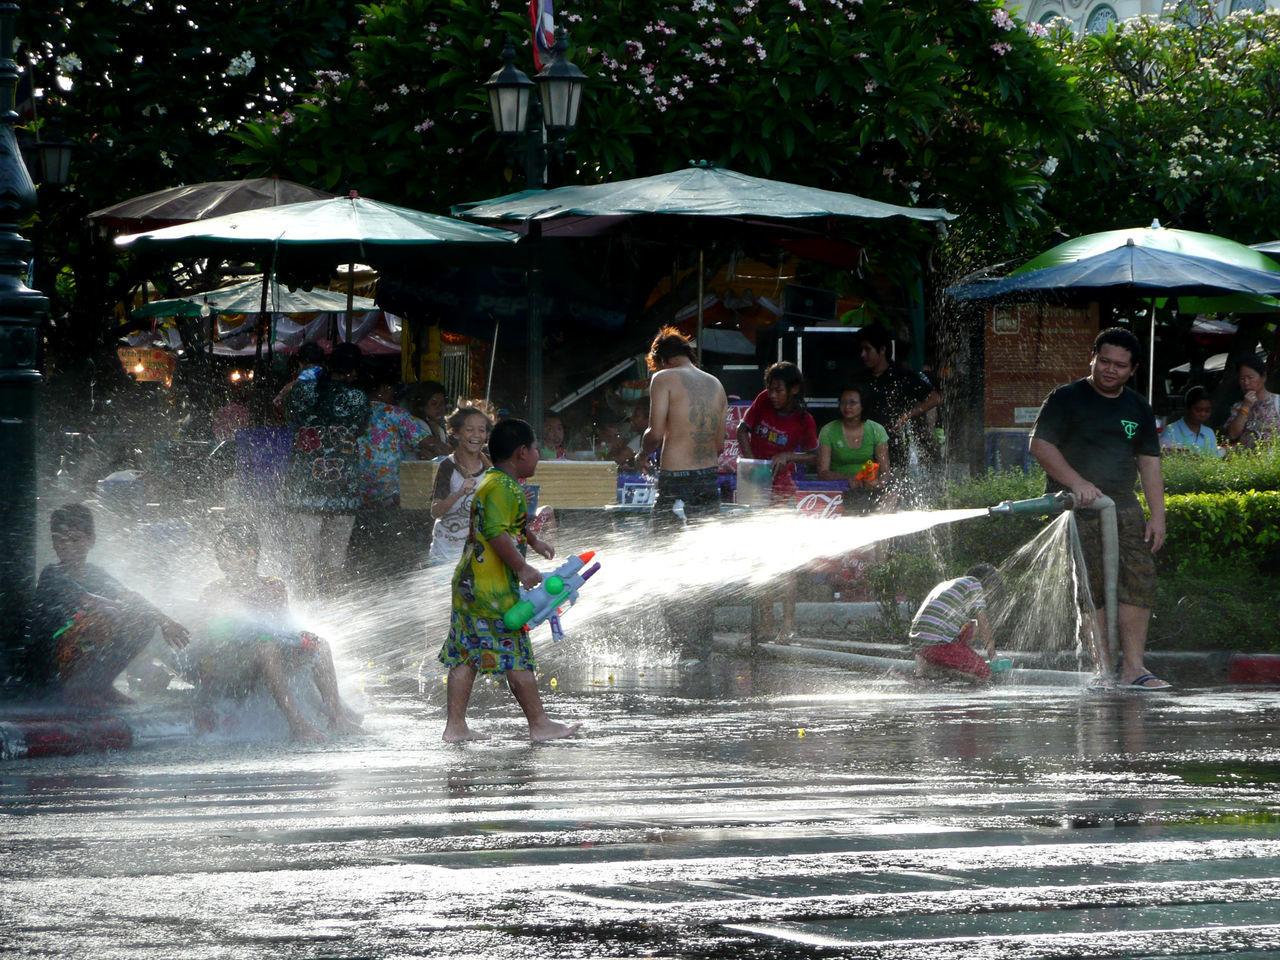 songkran festival in Bangkok, Thailand : 2009 2009 Bangkok Children Fun Phra Nakhon Songkran Songkran Festival Songkran Festival Day Spotted In Thailand Street Photography Streetphotography Thailand